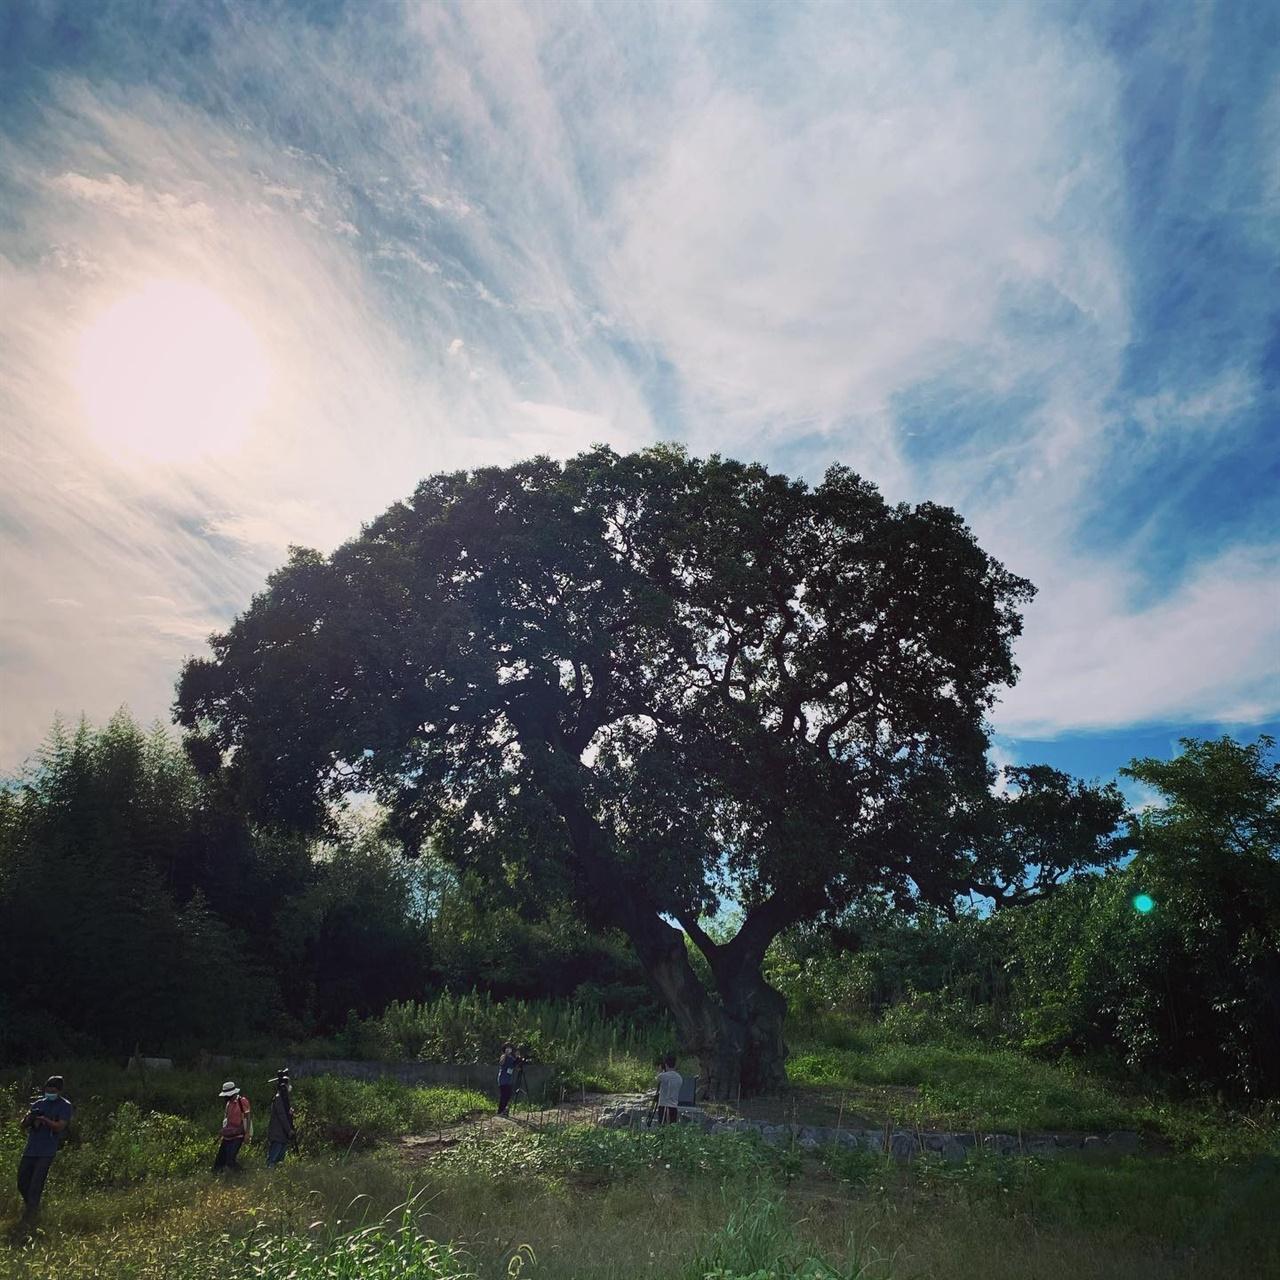 600년을 지켜온 팽나무 미군 공여지가 된 하제마을에 있는 보호수 팽나무. 수령이 600여년 된 보호수지만 보호를 받지 못하고 언제 잘려나갈지 모른다